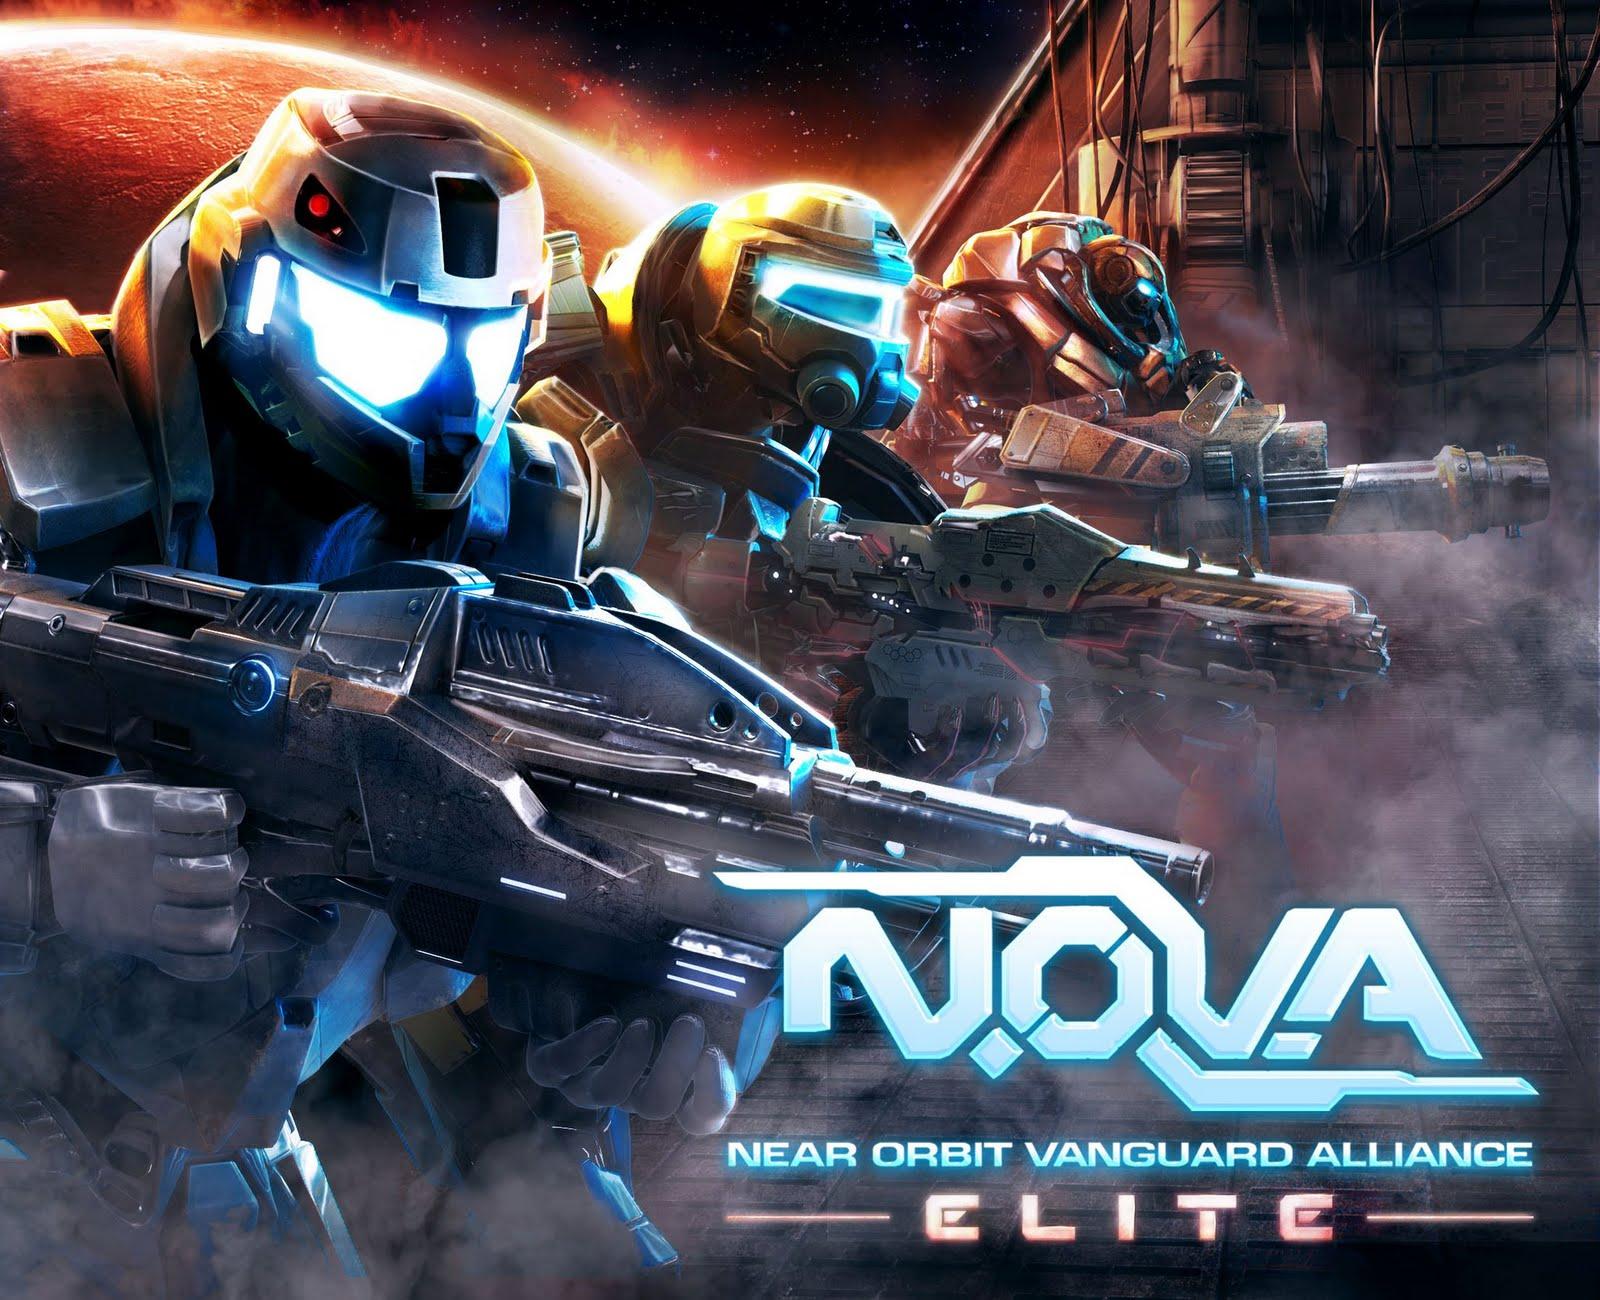 Actualidad Game: N.O.V.A. Elite, El Juego Shooter De Facebook